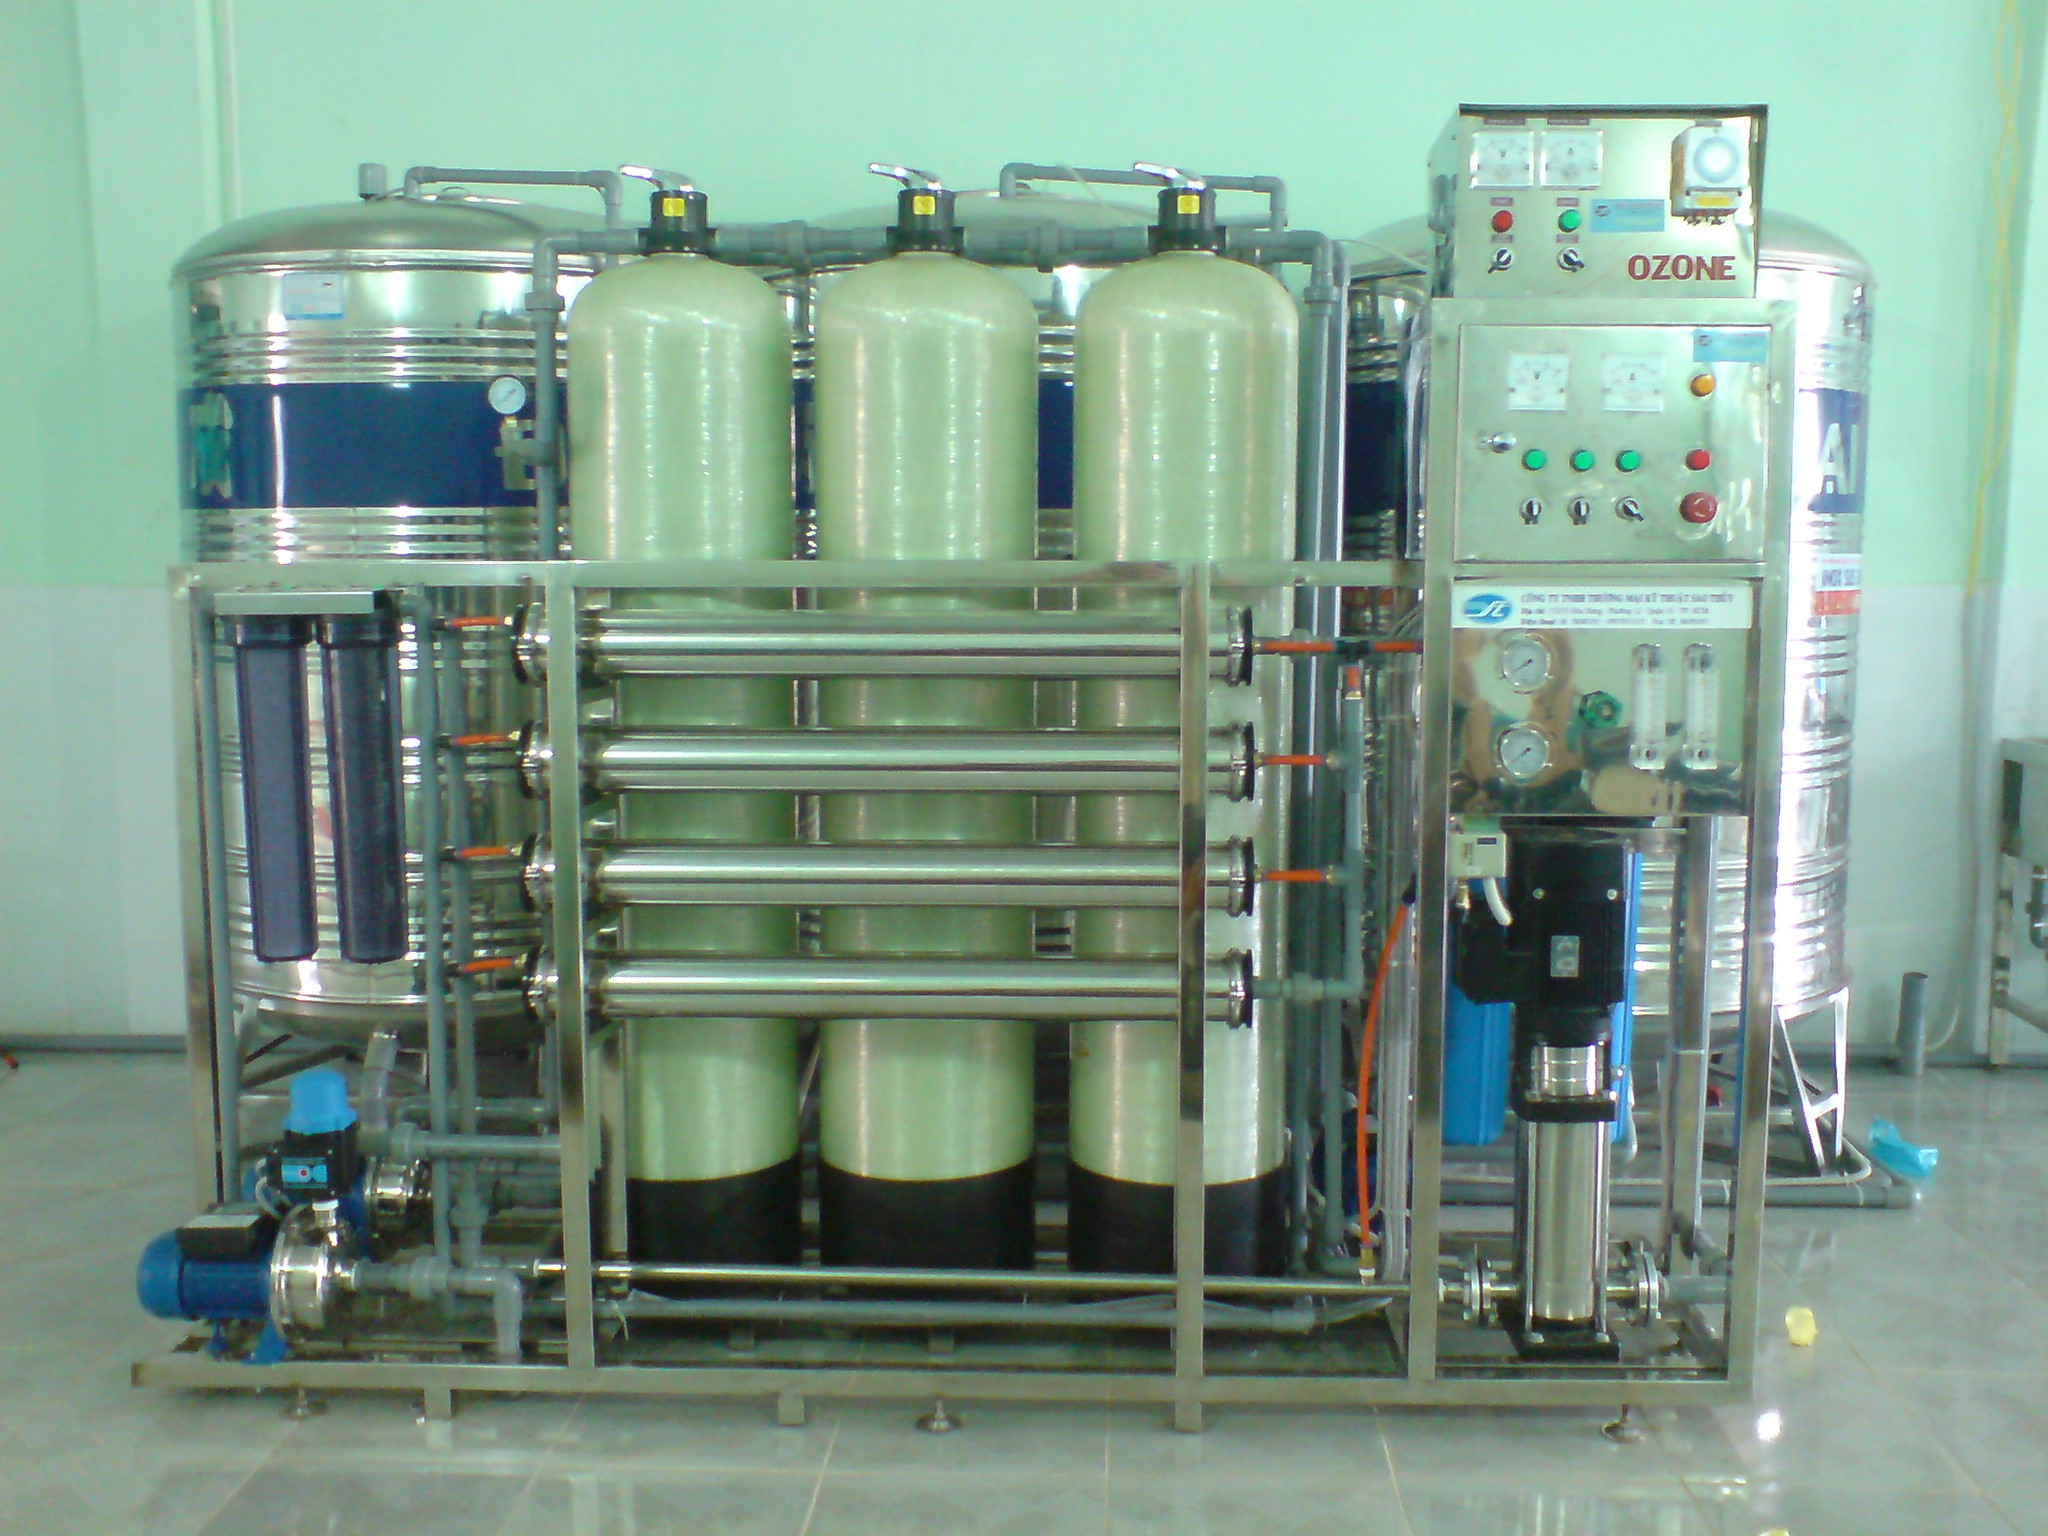 Tư vấn chọn mua máy lọc nước công nghiệp tốt nhất cho ngành chế biến thực phẩm